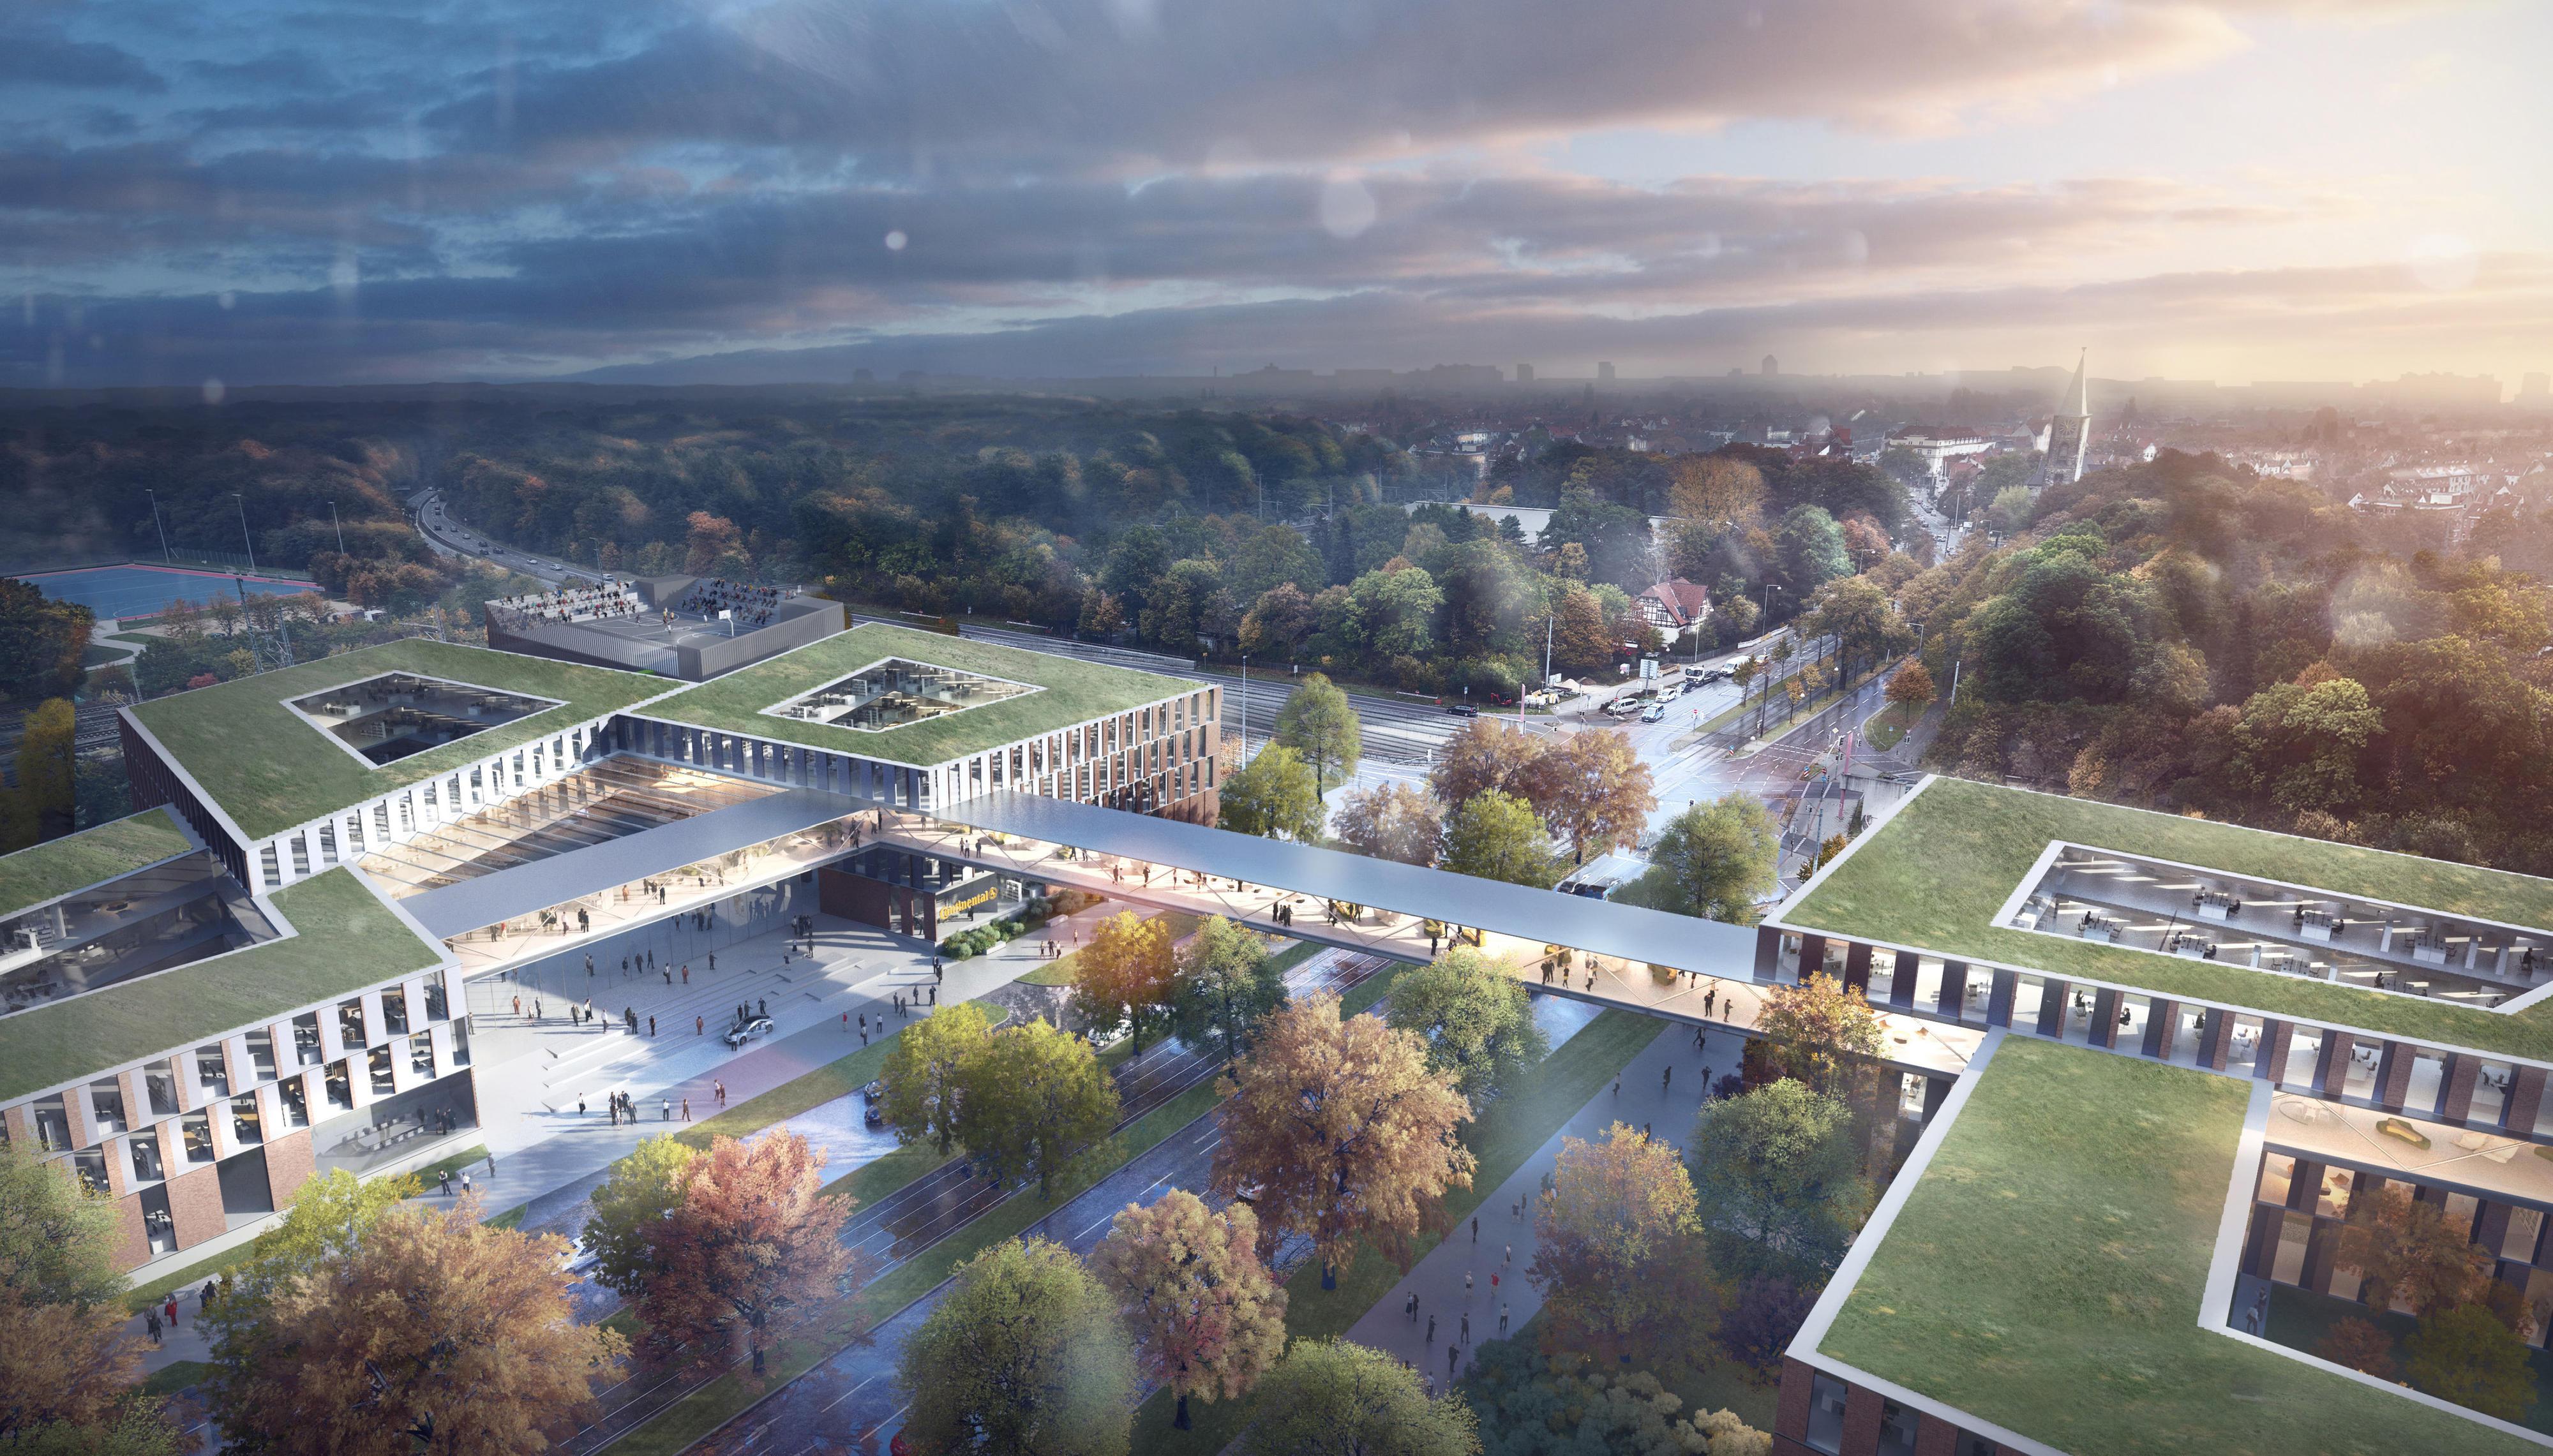 20170607-architektenwettbewerb-img-1014-2-data